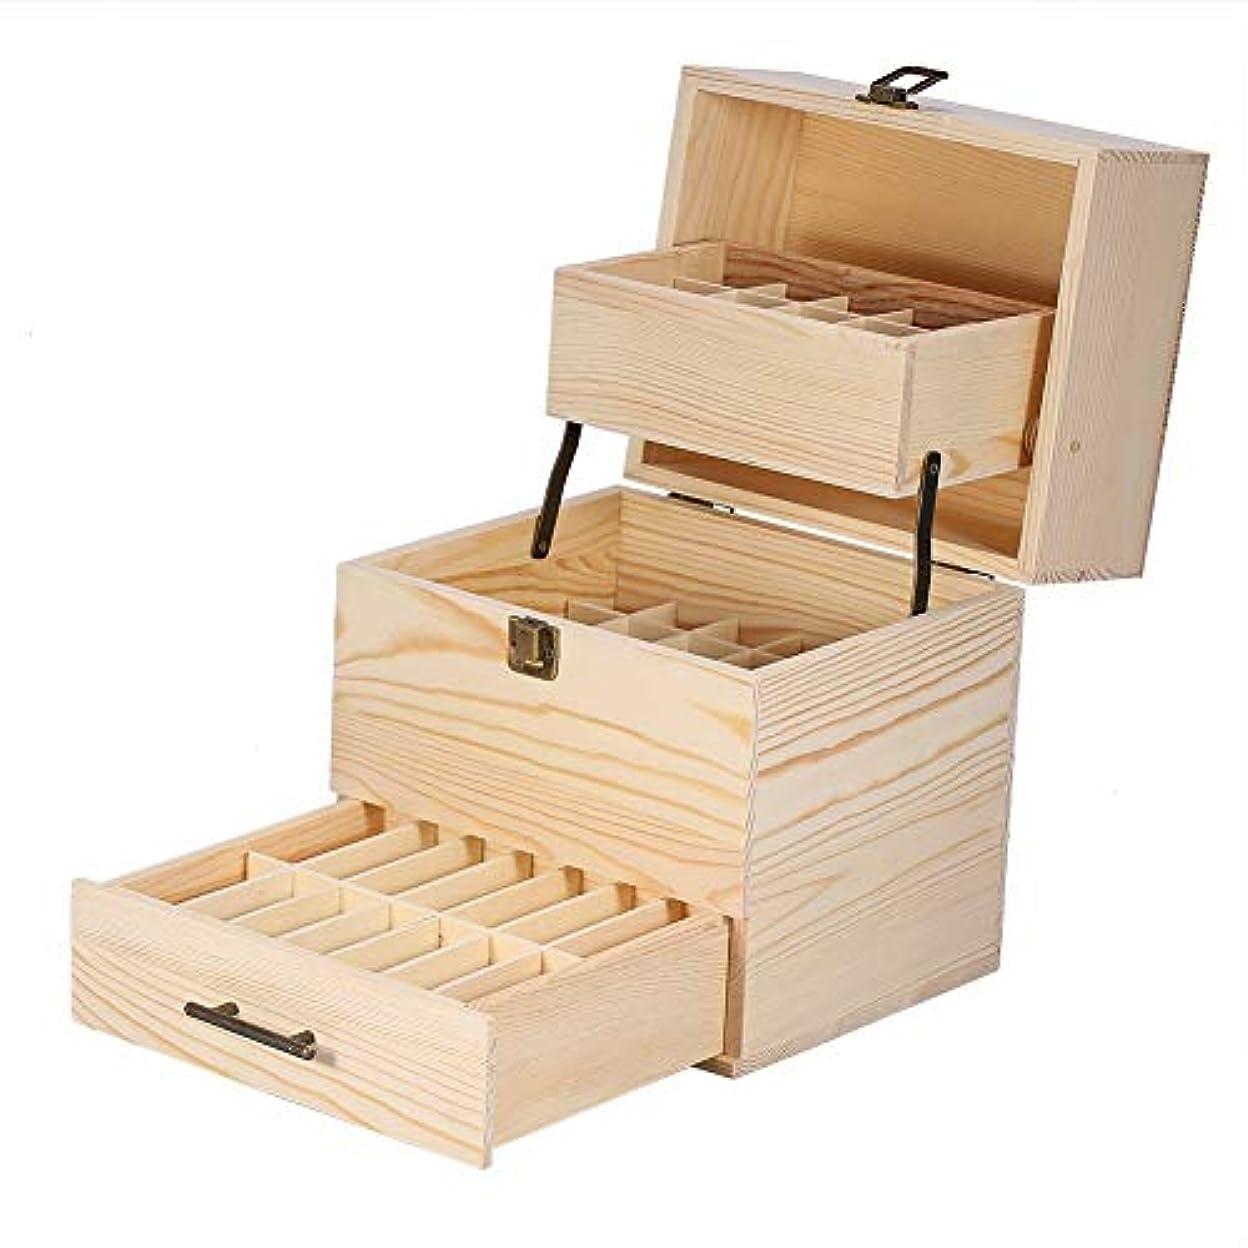 共感する刺激する残り木製の三層エッセンシャルオイル収納ボックス